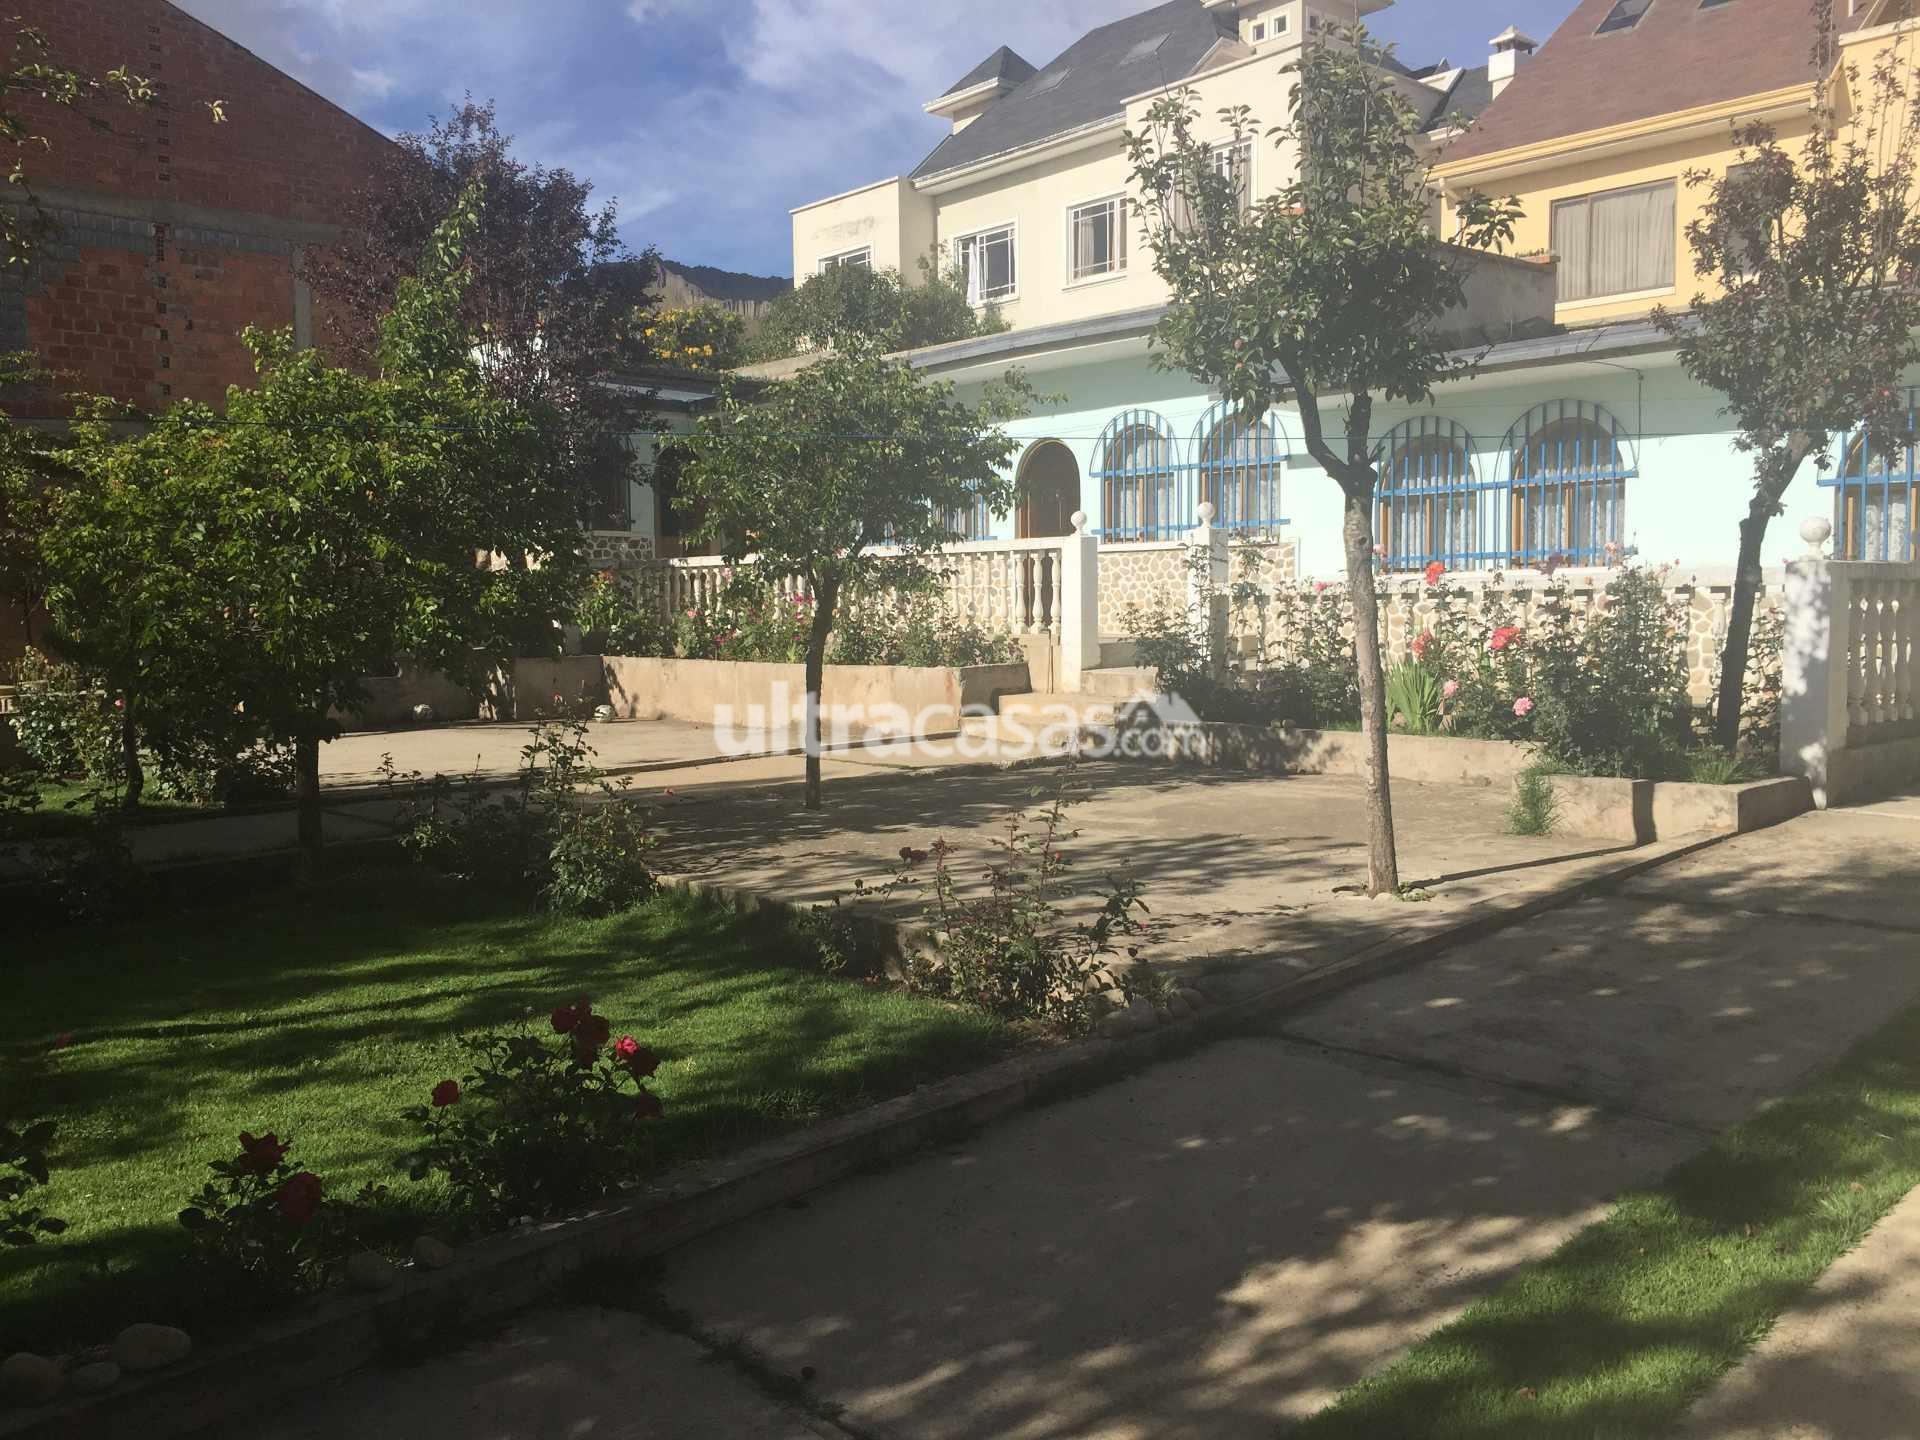 Casa en Venta Bonita casa, amplio jardín con árboles frutales, terreno 540m2 ideal para construcción. Foto 2